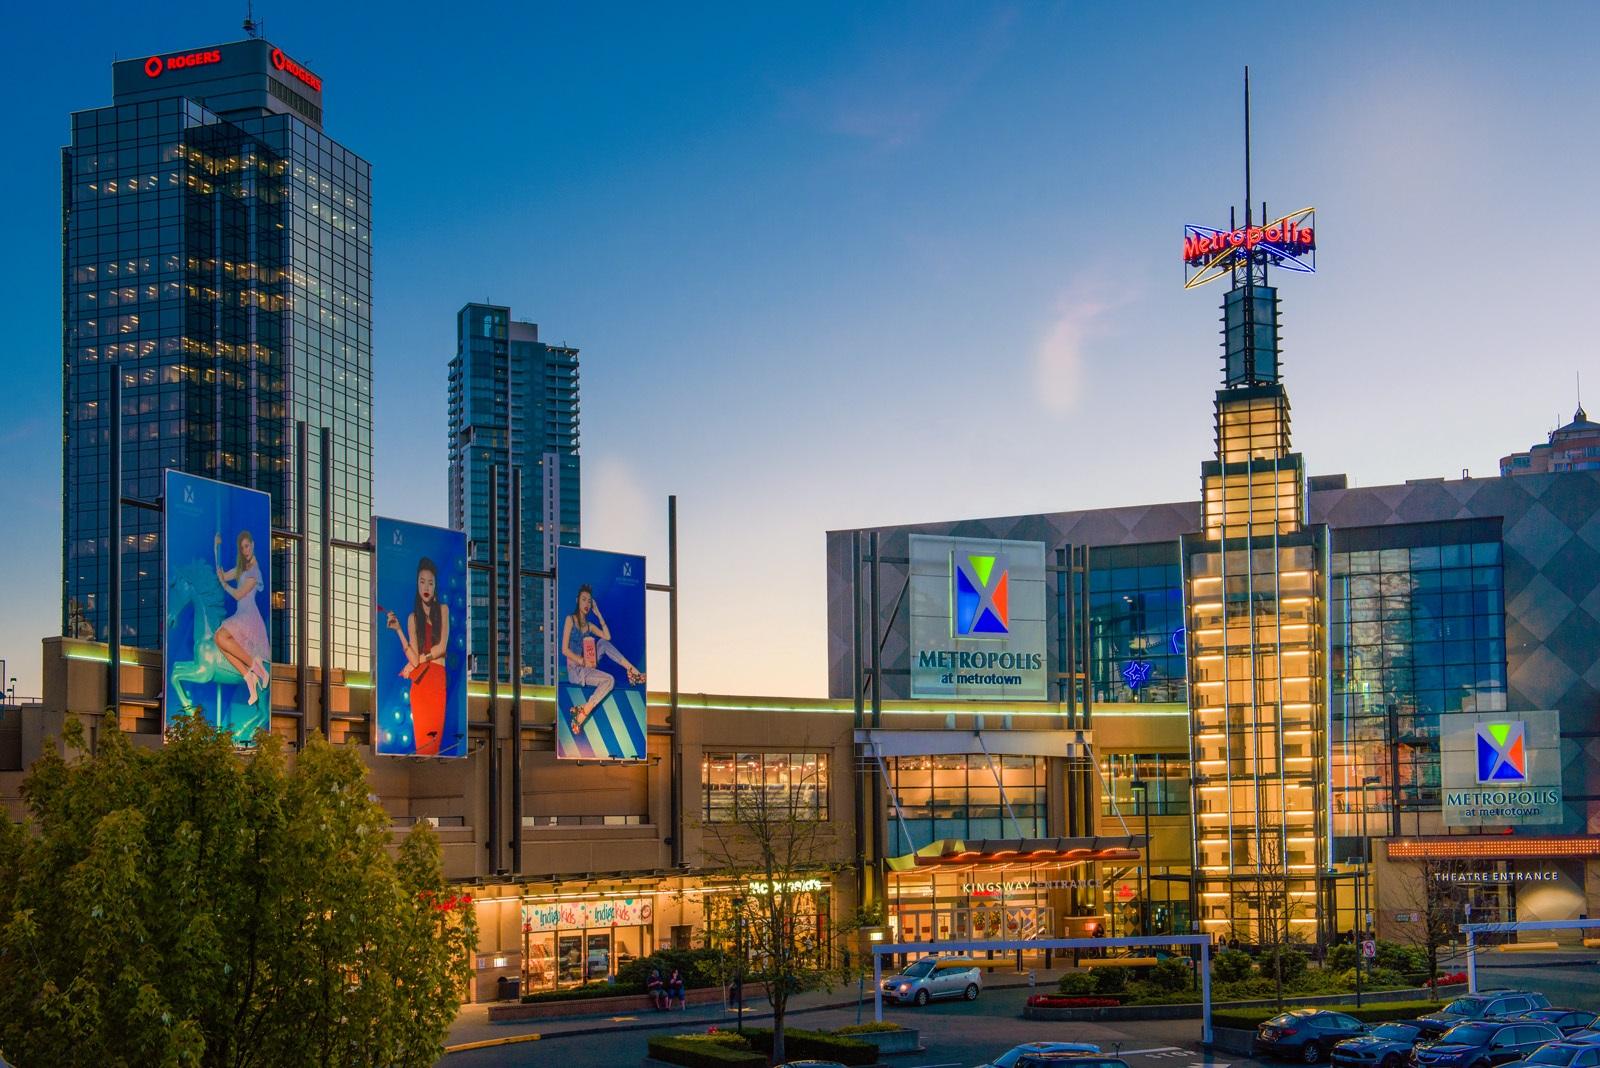 Metropolis at Metrotown – Being Green is Always in Style